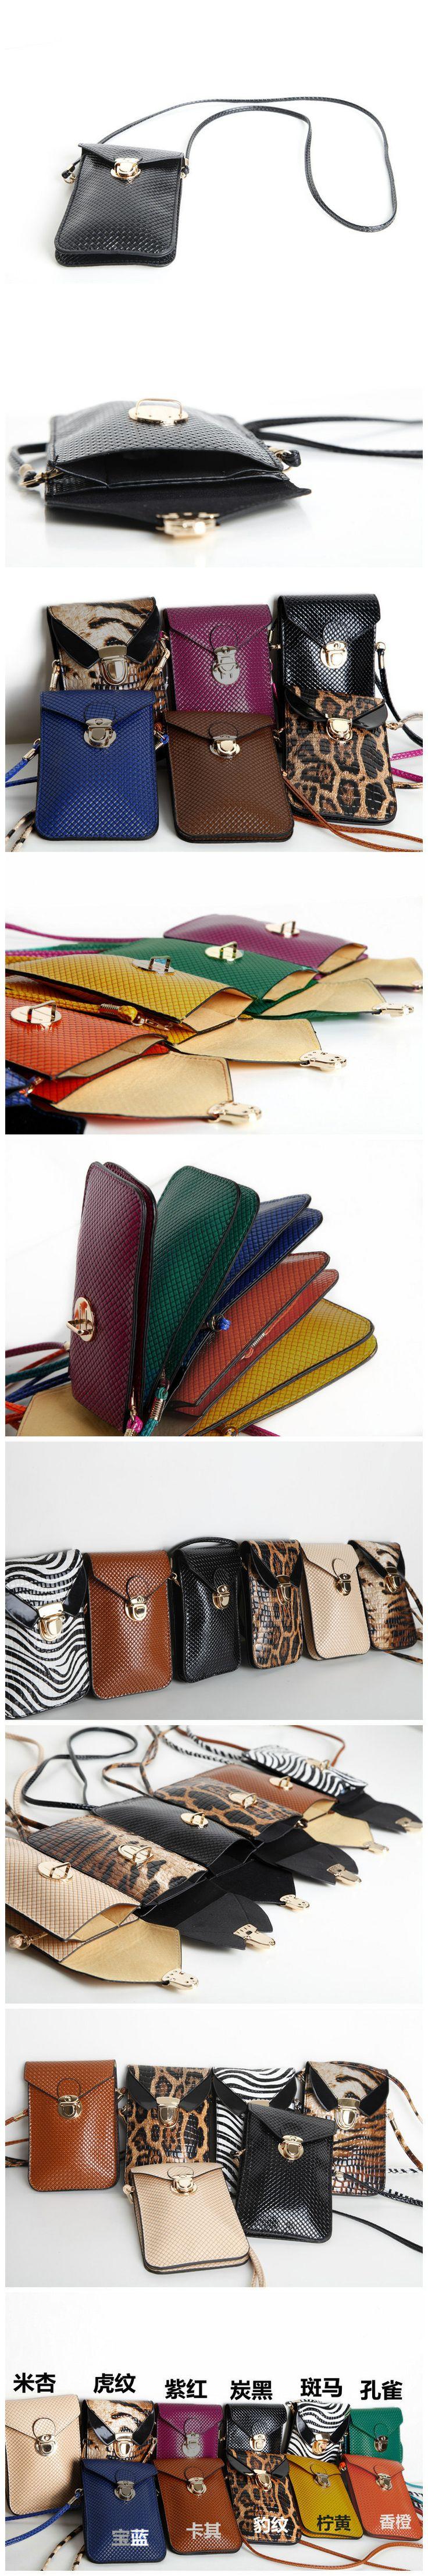 45ю Европейской и американской моды дикий женский корейский ретро сумка мини сотовый телефон сумка кошелек плечо диагональ пакет - Taobao